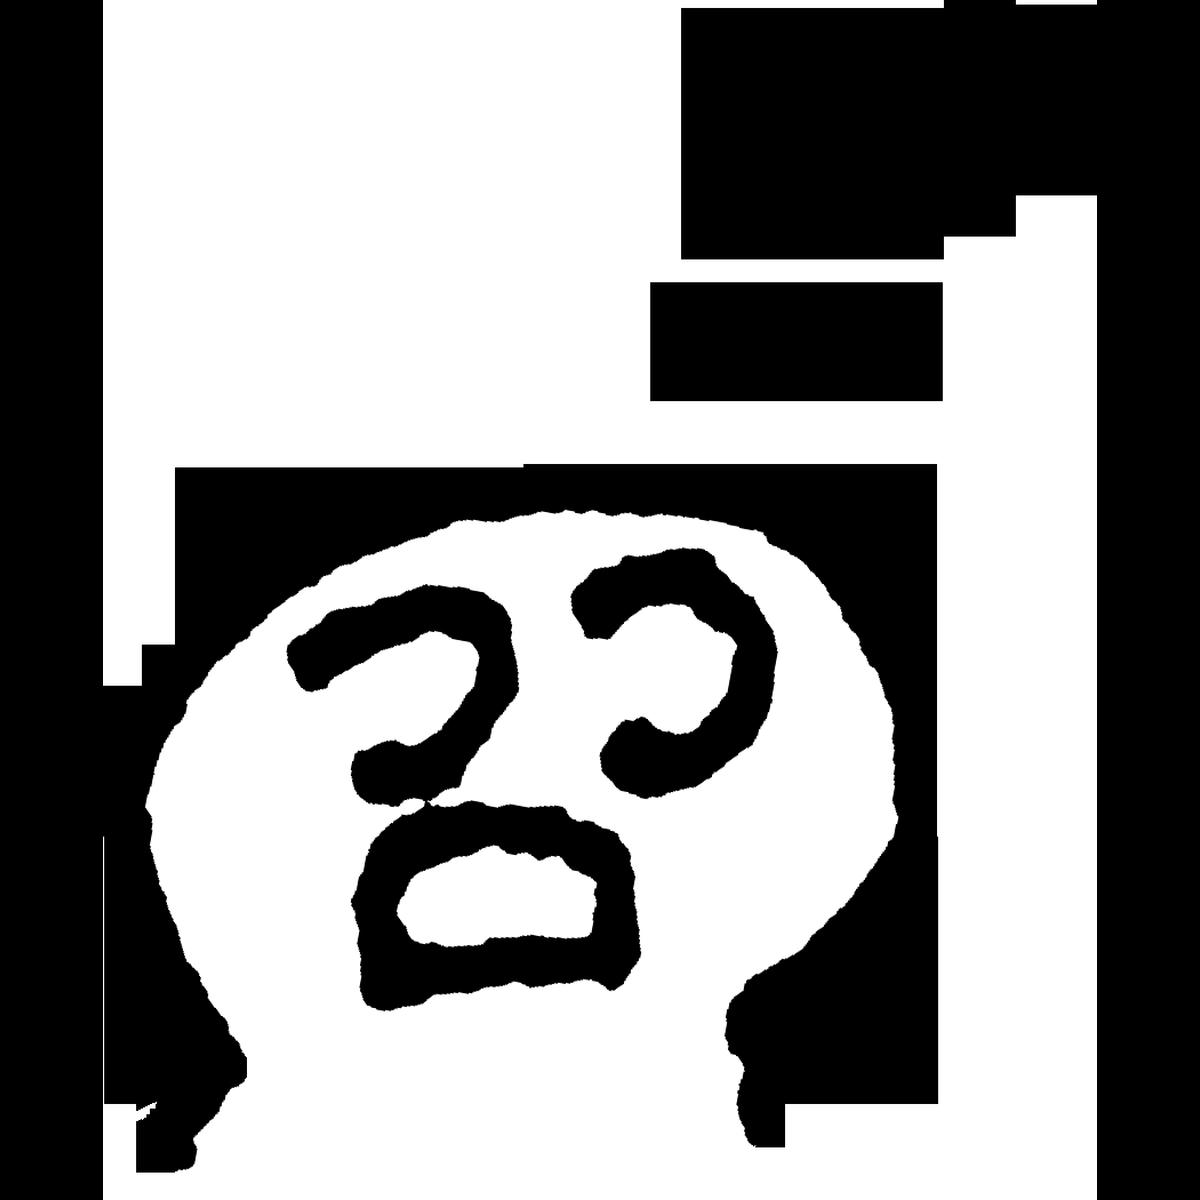 はてな??(驚愕)のイラスト Question